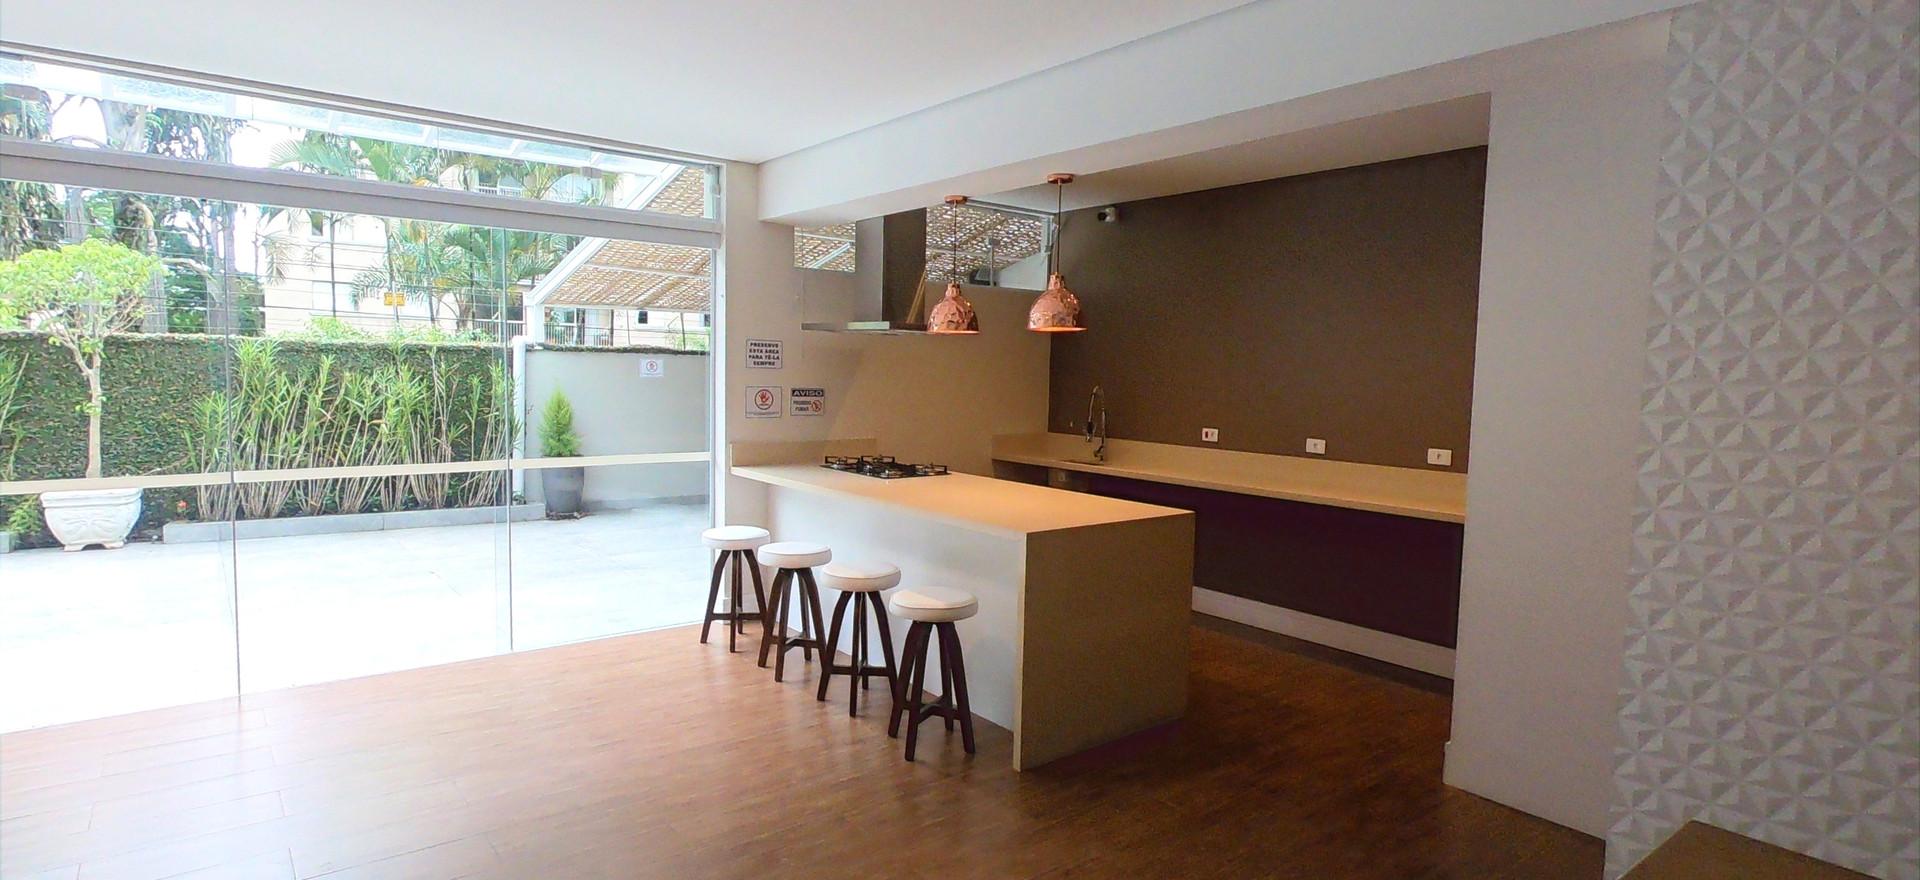 Cozinha gourmet salão